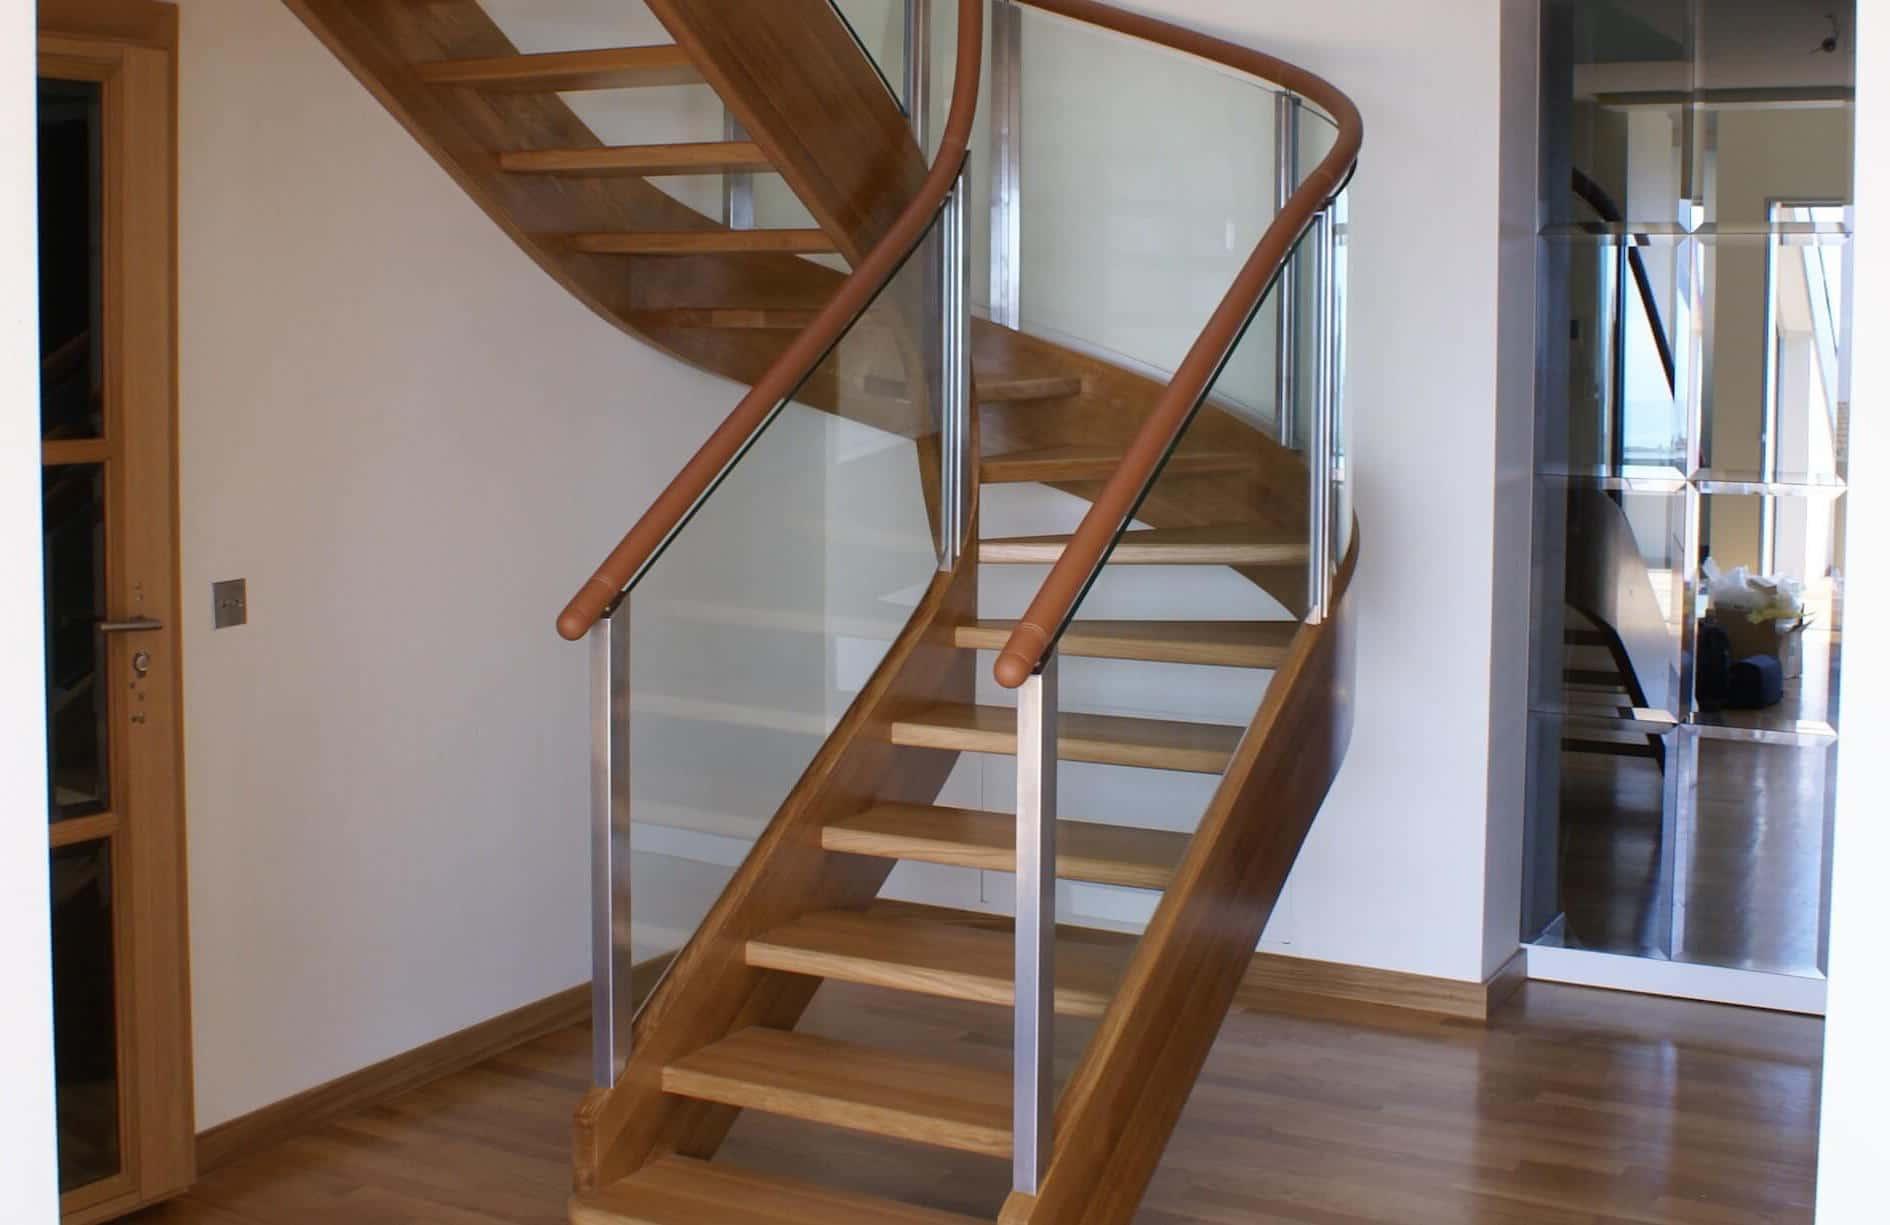 Escalier intérieur bois en chêne